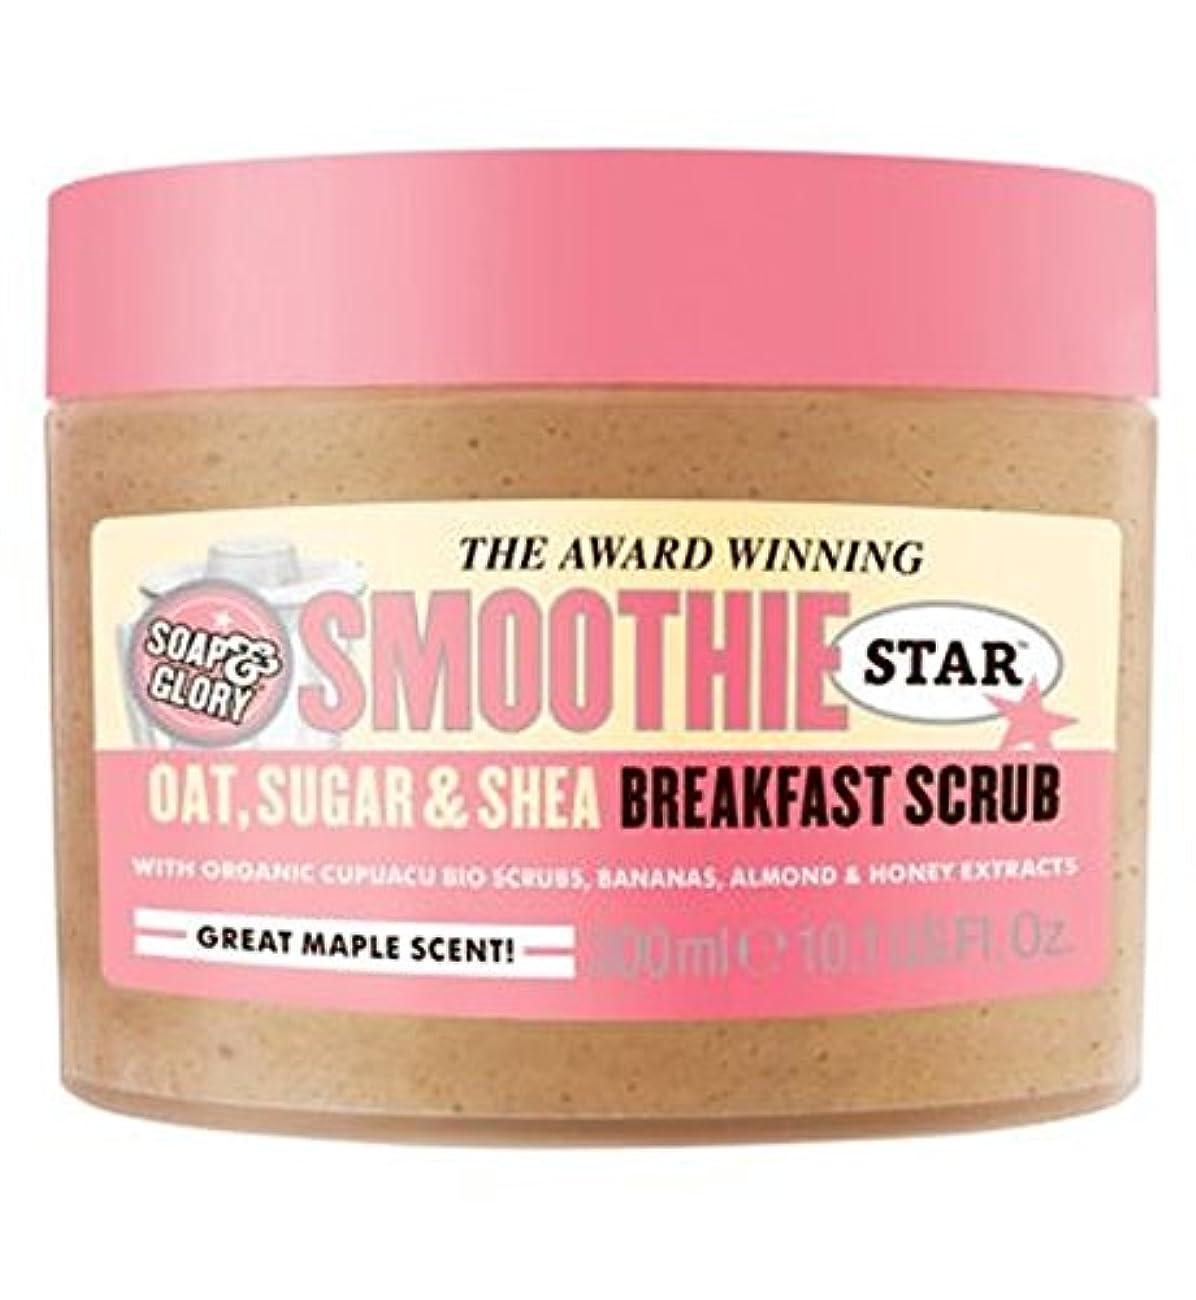 徹底盗賊早い石鹸&栄光スムージースター朝食スクラブ300ミリリットル (Soap & Glory) (x2) - Soap & Glory Smoothie Star Breakfast Scrub 300ml (Pack of 2...